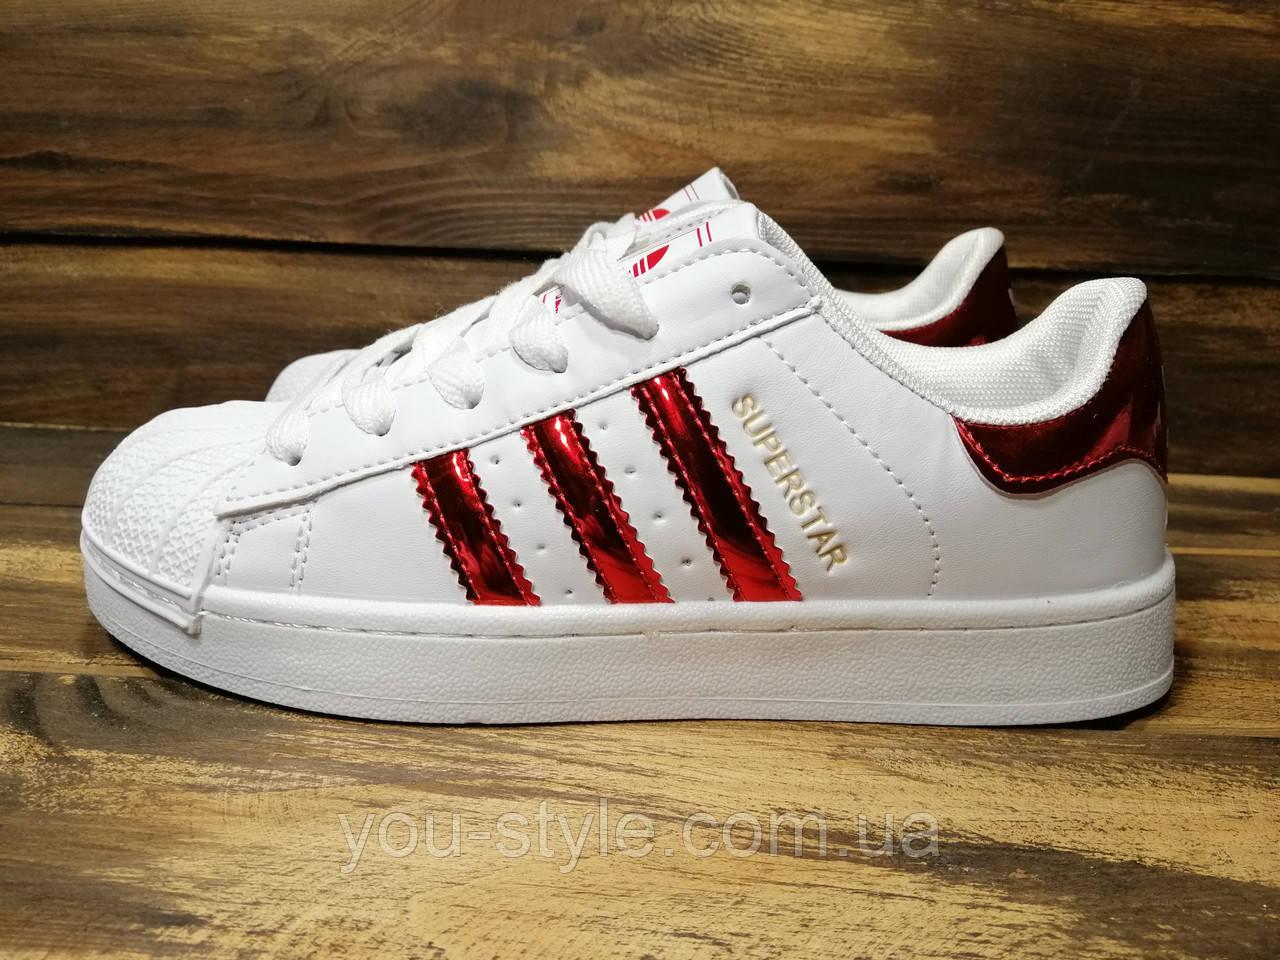 b3a0fd816 Кроссовки женские Adidas Superstar (реплика) 0003 - Интернет магазин